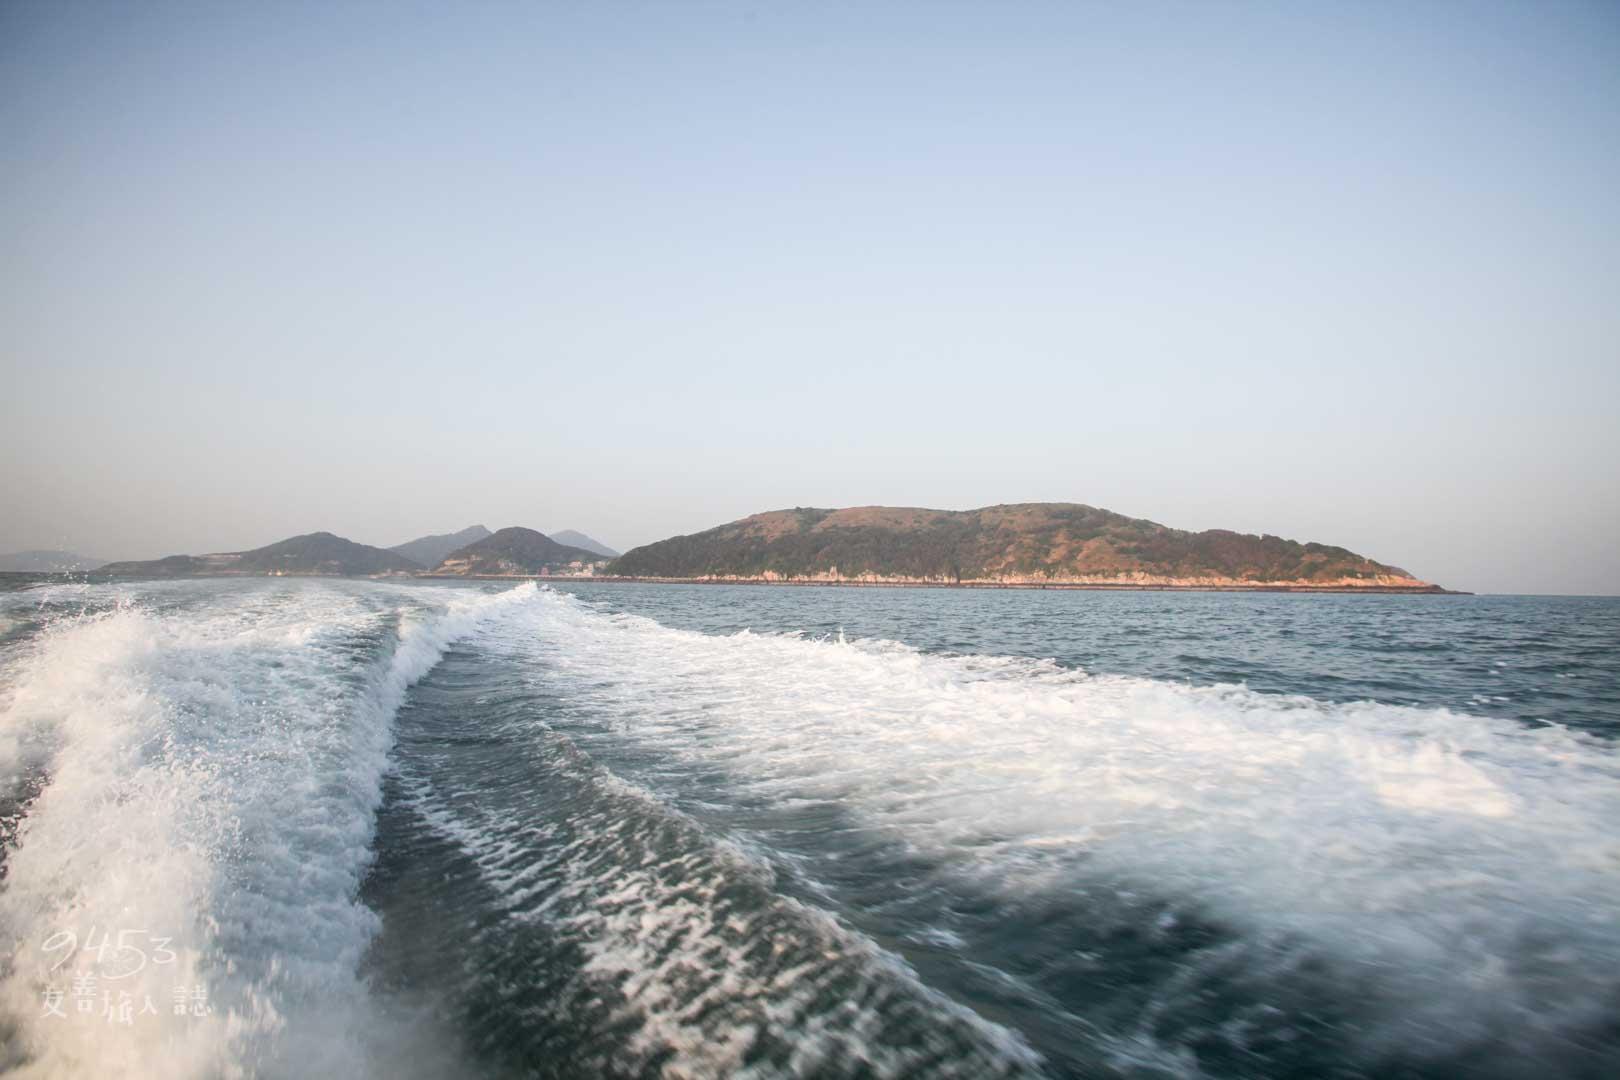 波濤洶湧的海浪